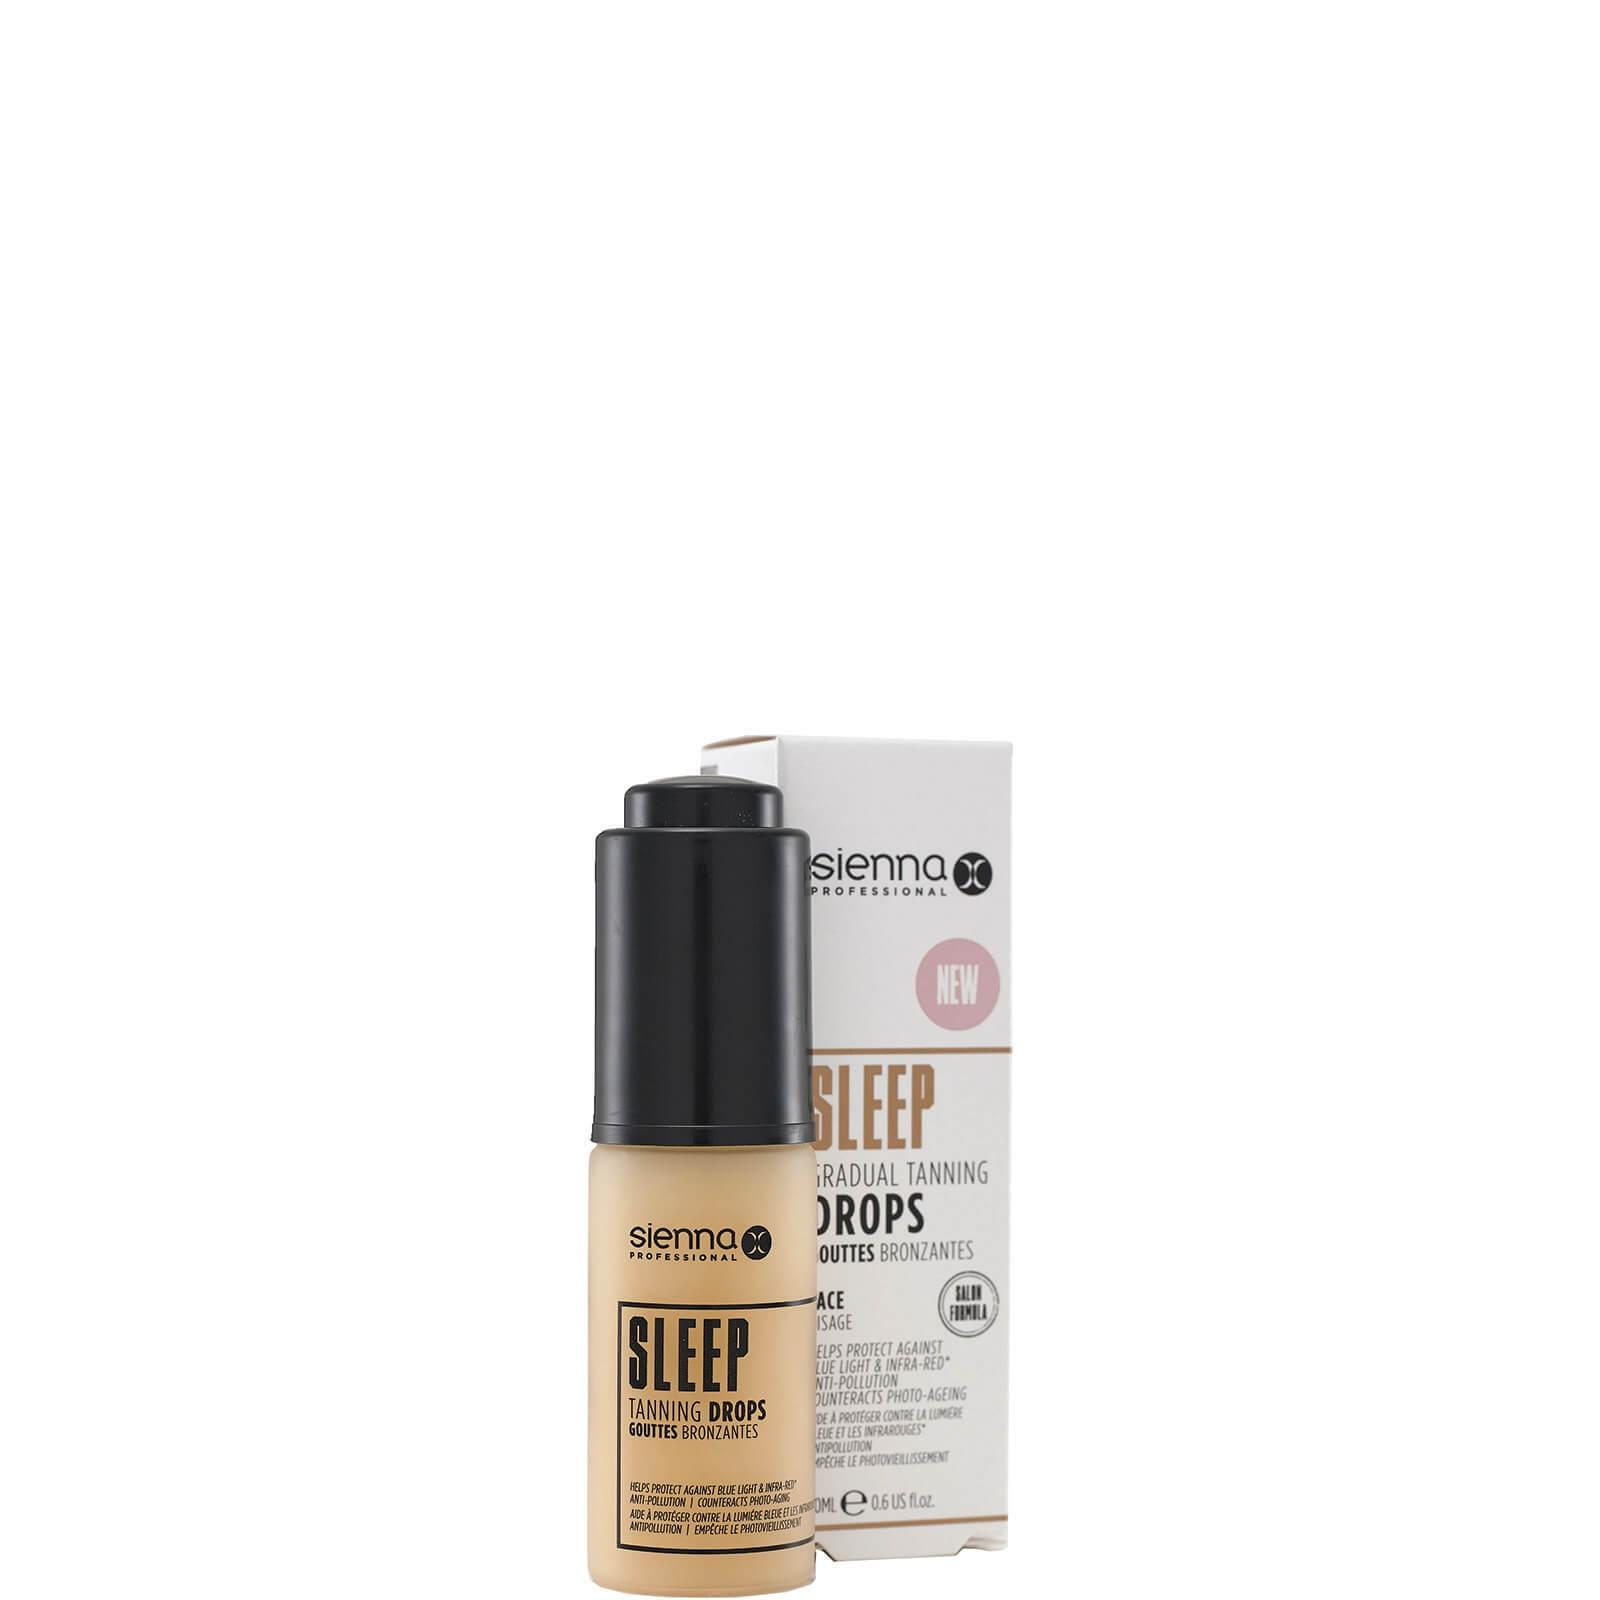 Купить Sienna X Sleep Gradual Tanning Drops 20ml